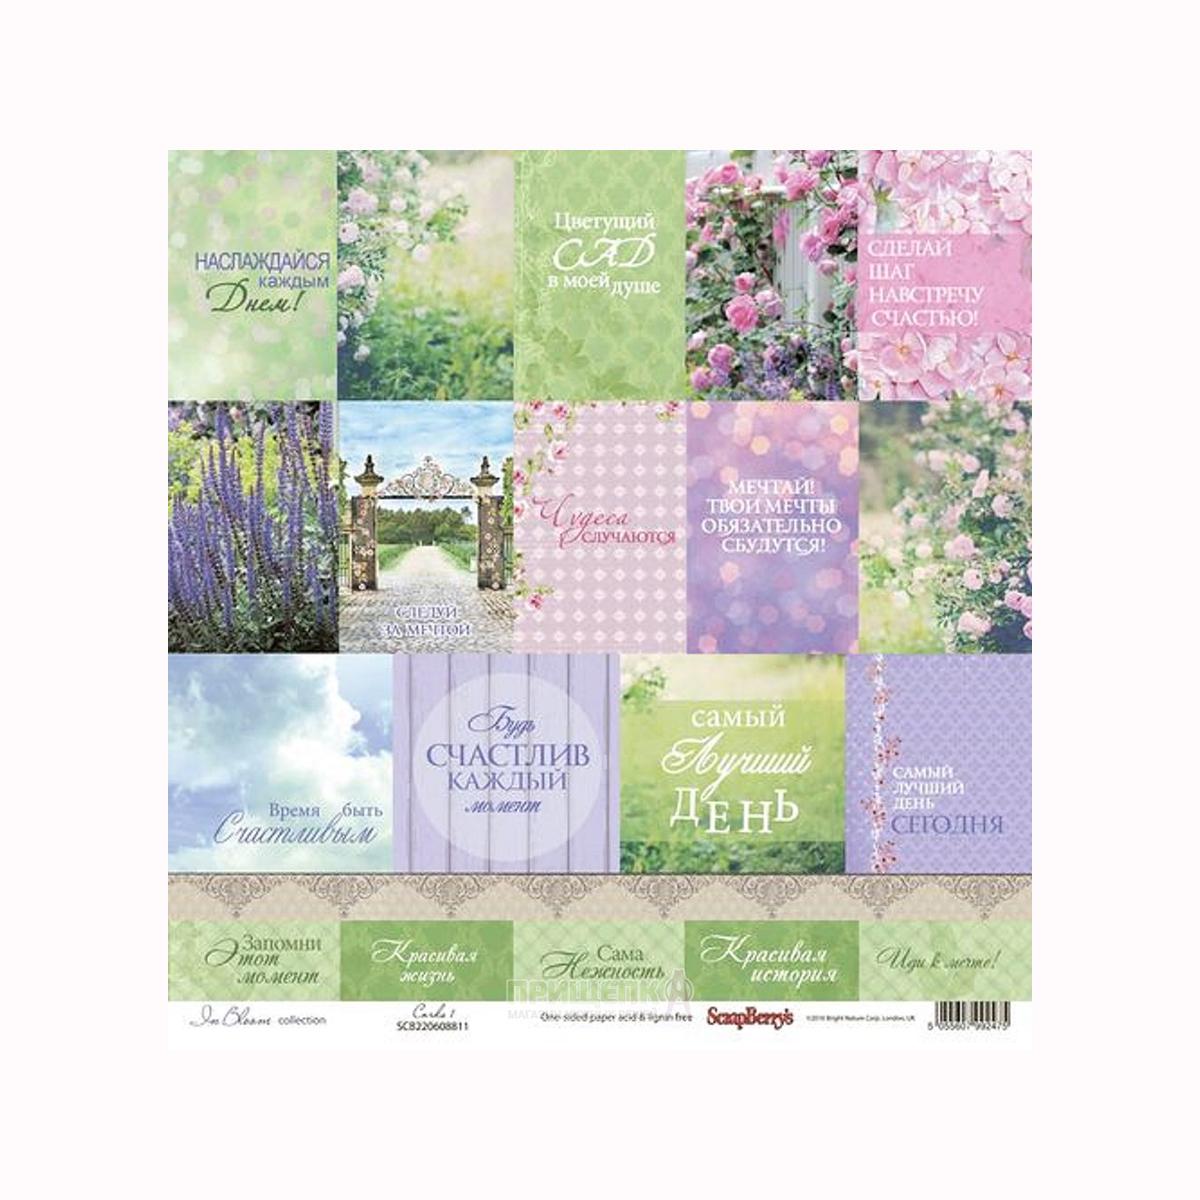 Бумага для скрапбукинга ScrapBerrys Цветущий сад, 30,5 х 30,5 см, 12 листов. 497535497535